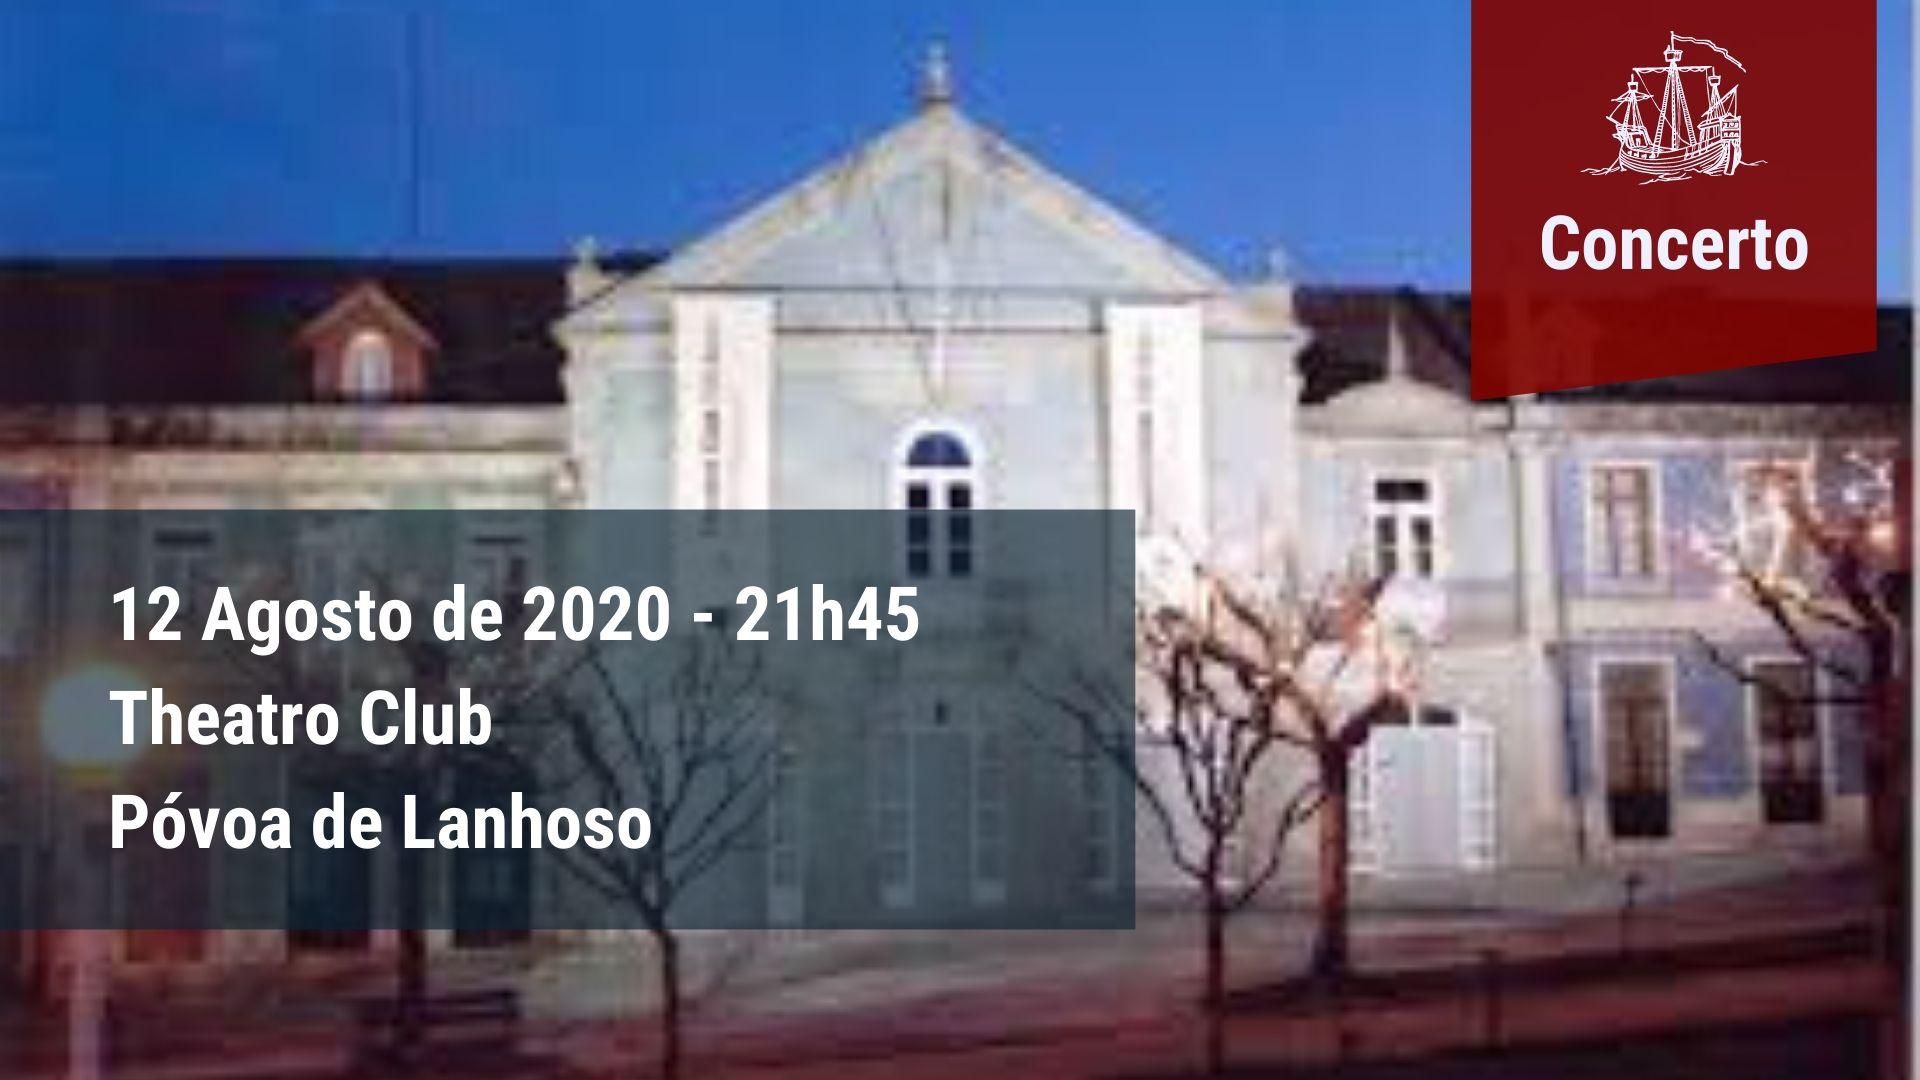 Concerto Theatro Club - Póvoa de Lanhoso - 12 Agosto 2020, 21h45